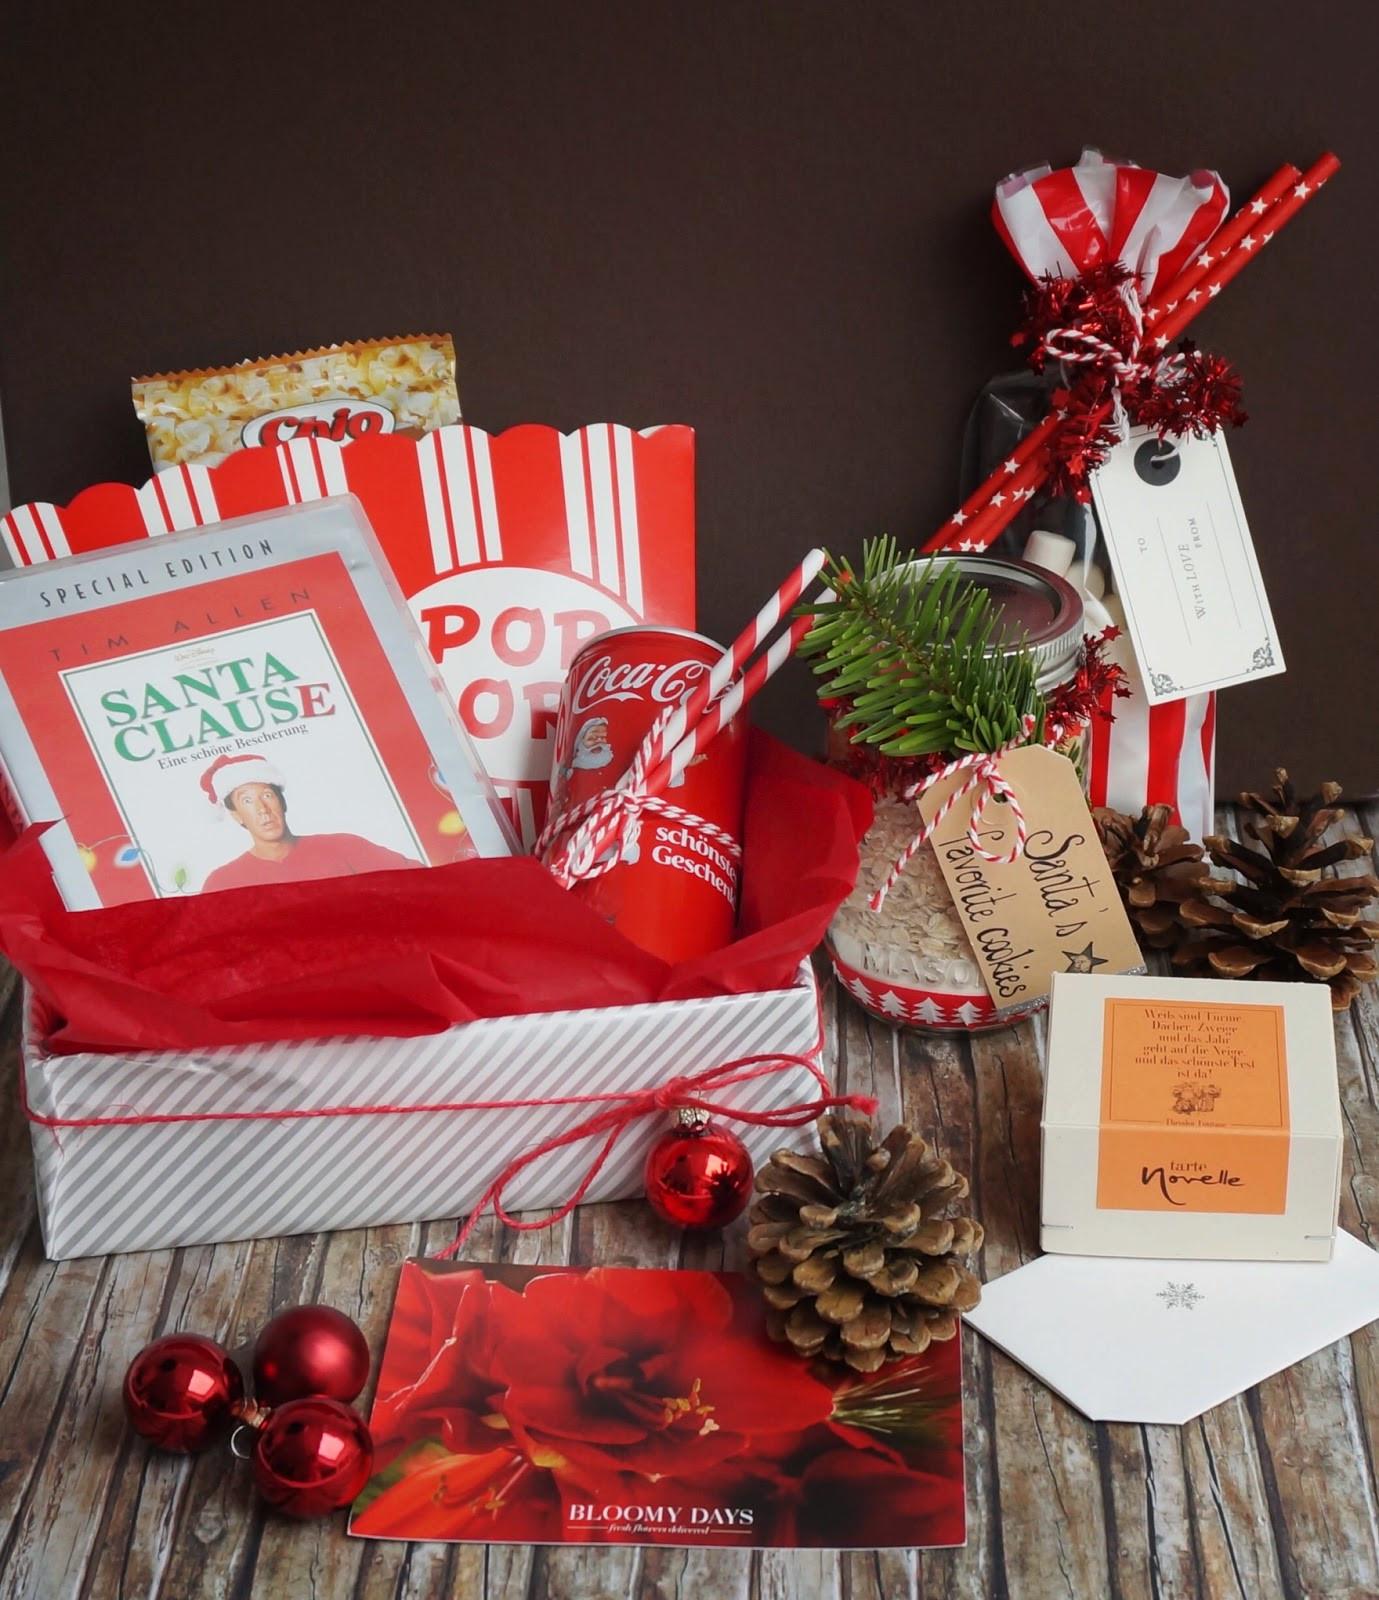 Geschenke Zu Nikolaus  Geschenke zum nikolaus ideen – Beliebte Geschenke für Ihre